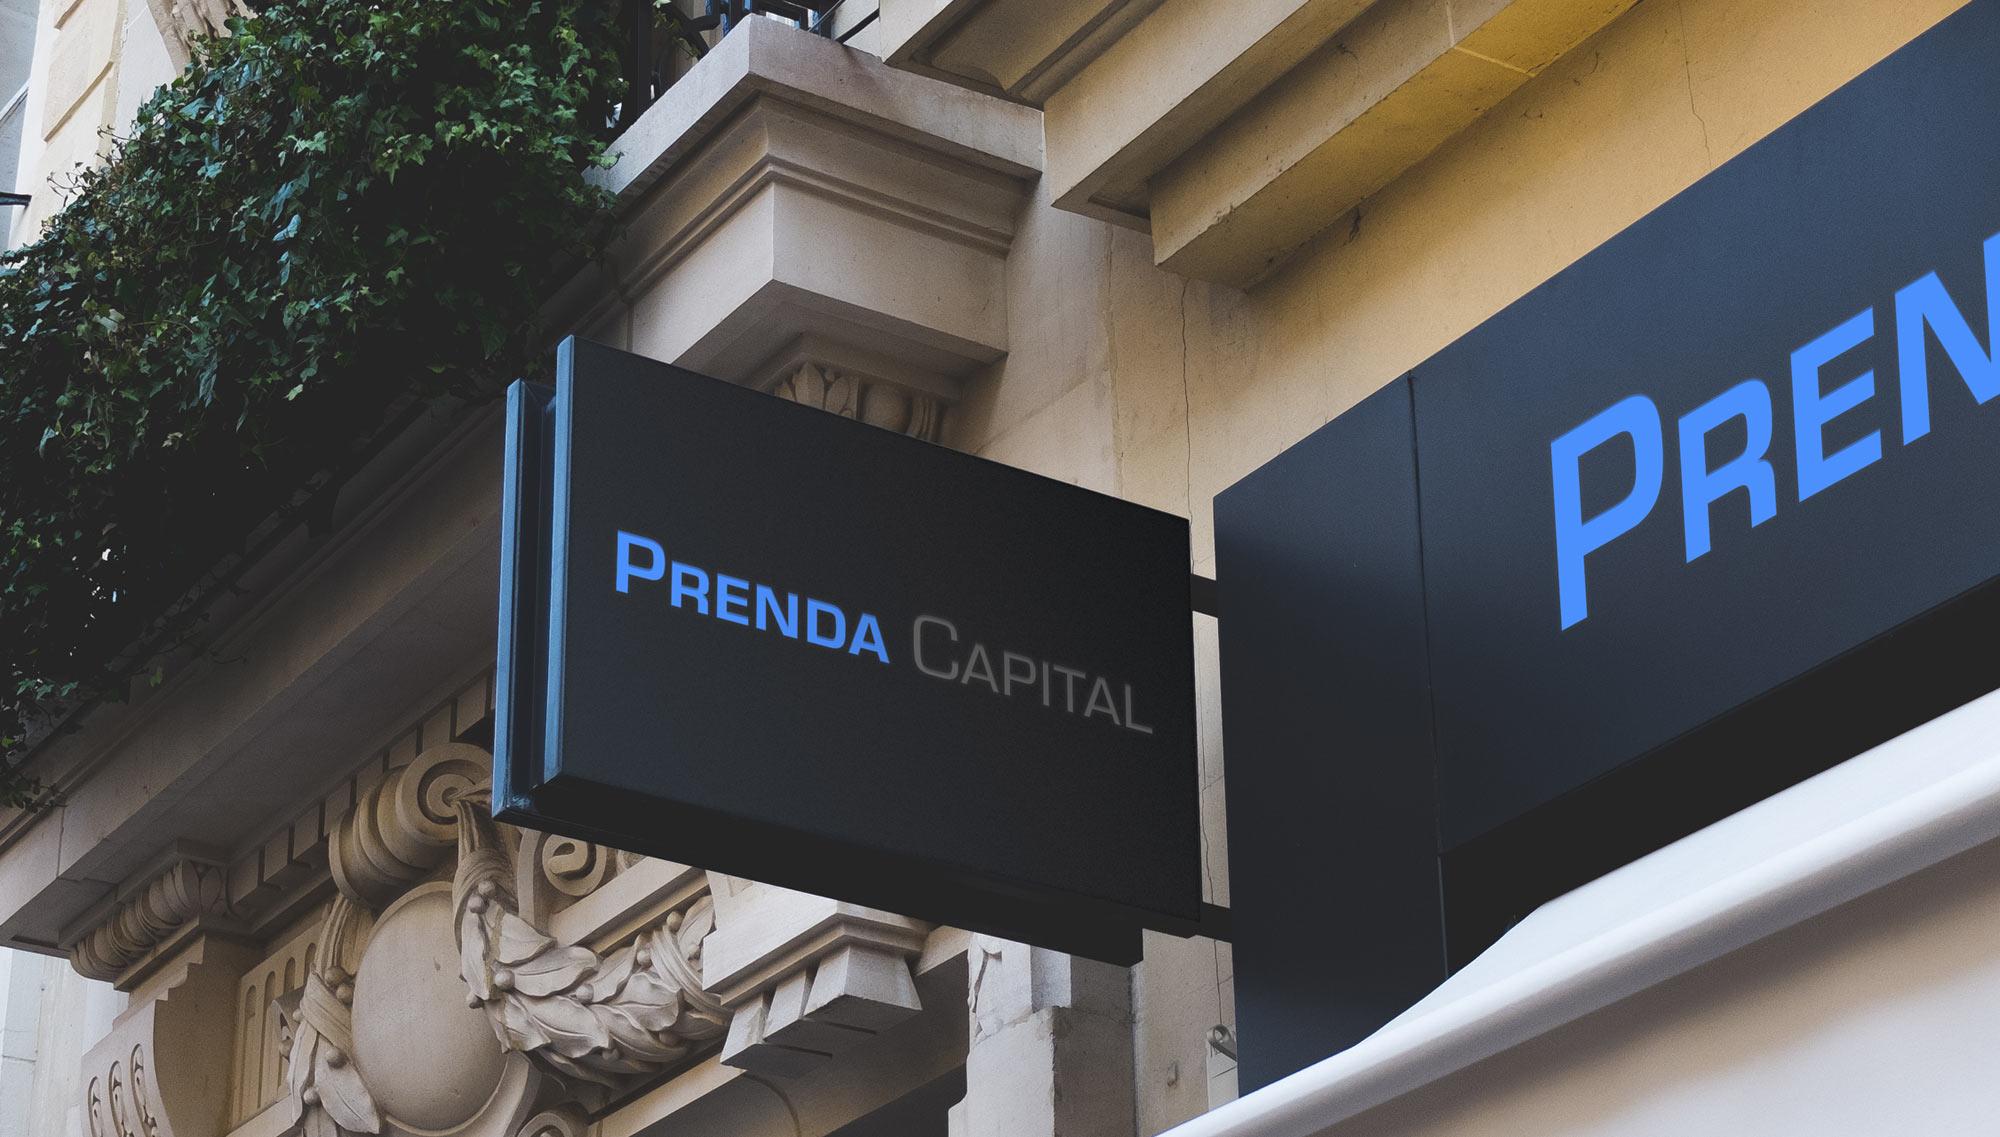 Prenda Capital Sign